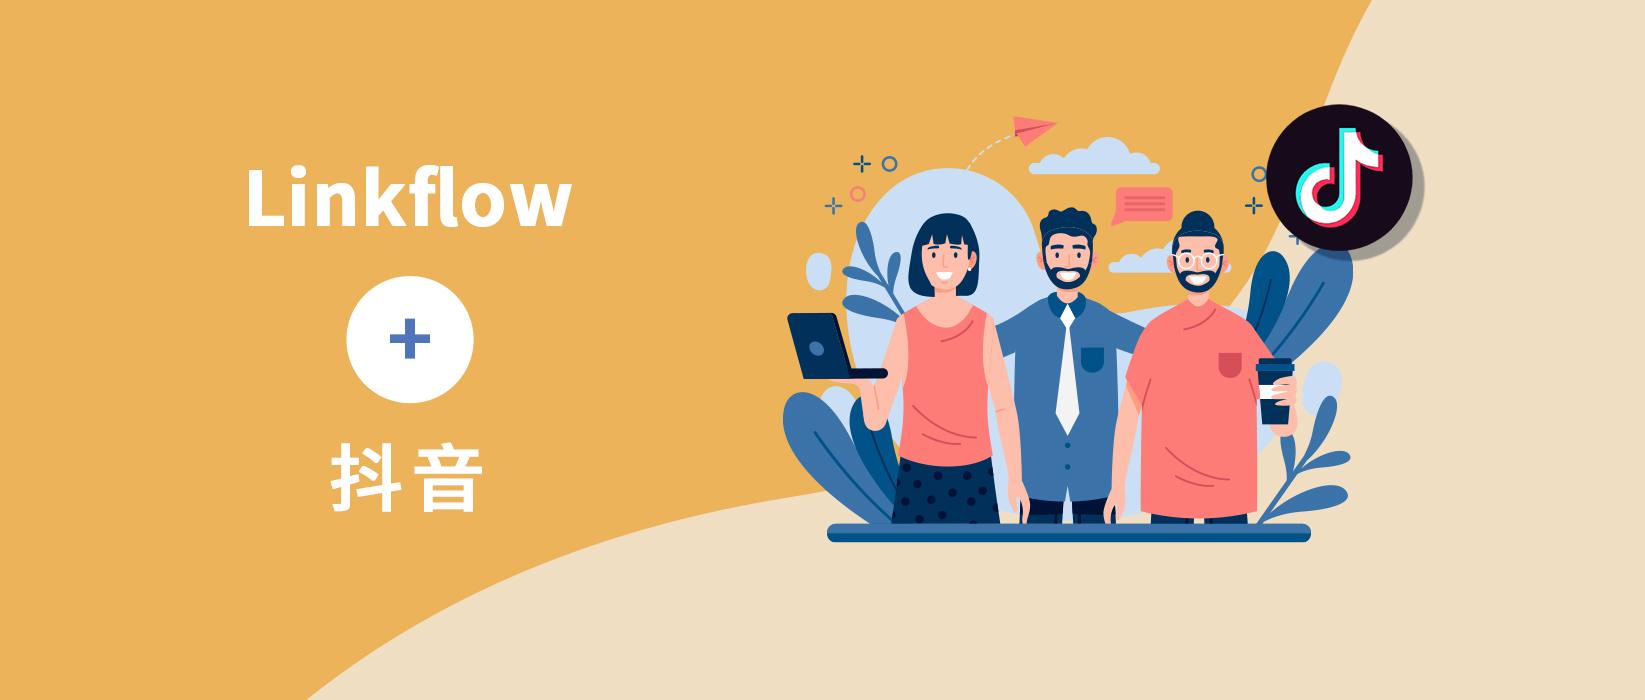 Linkflow+抖音:自动化运营抖音用户,提升用户粘性促进转化